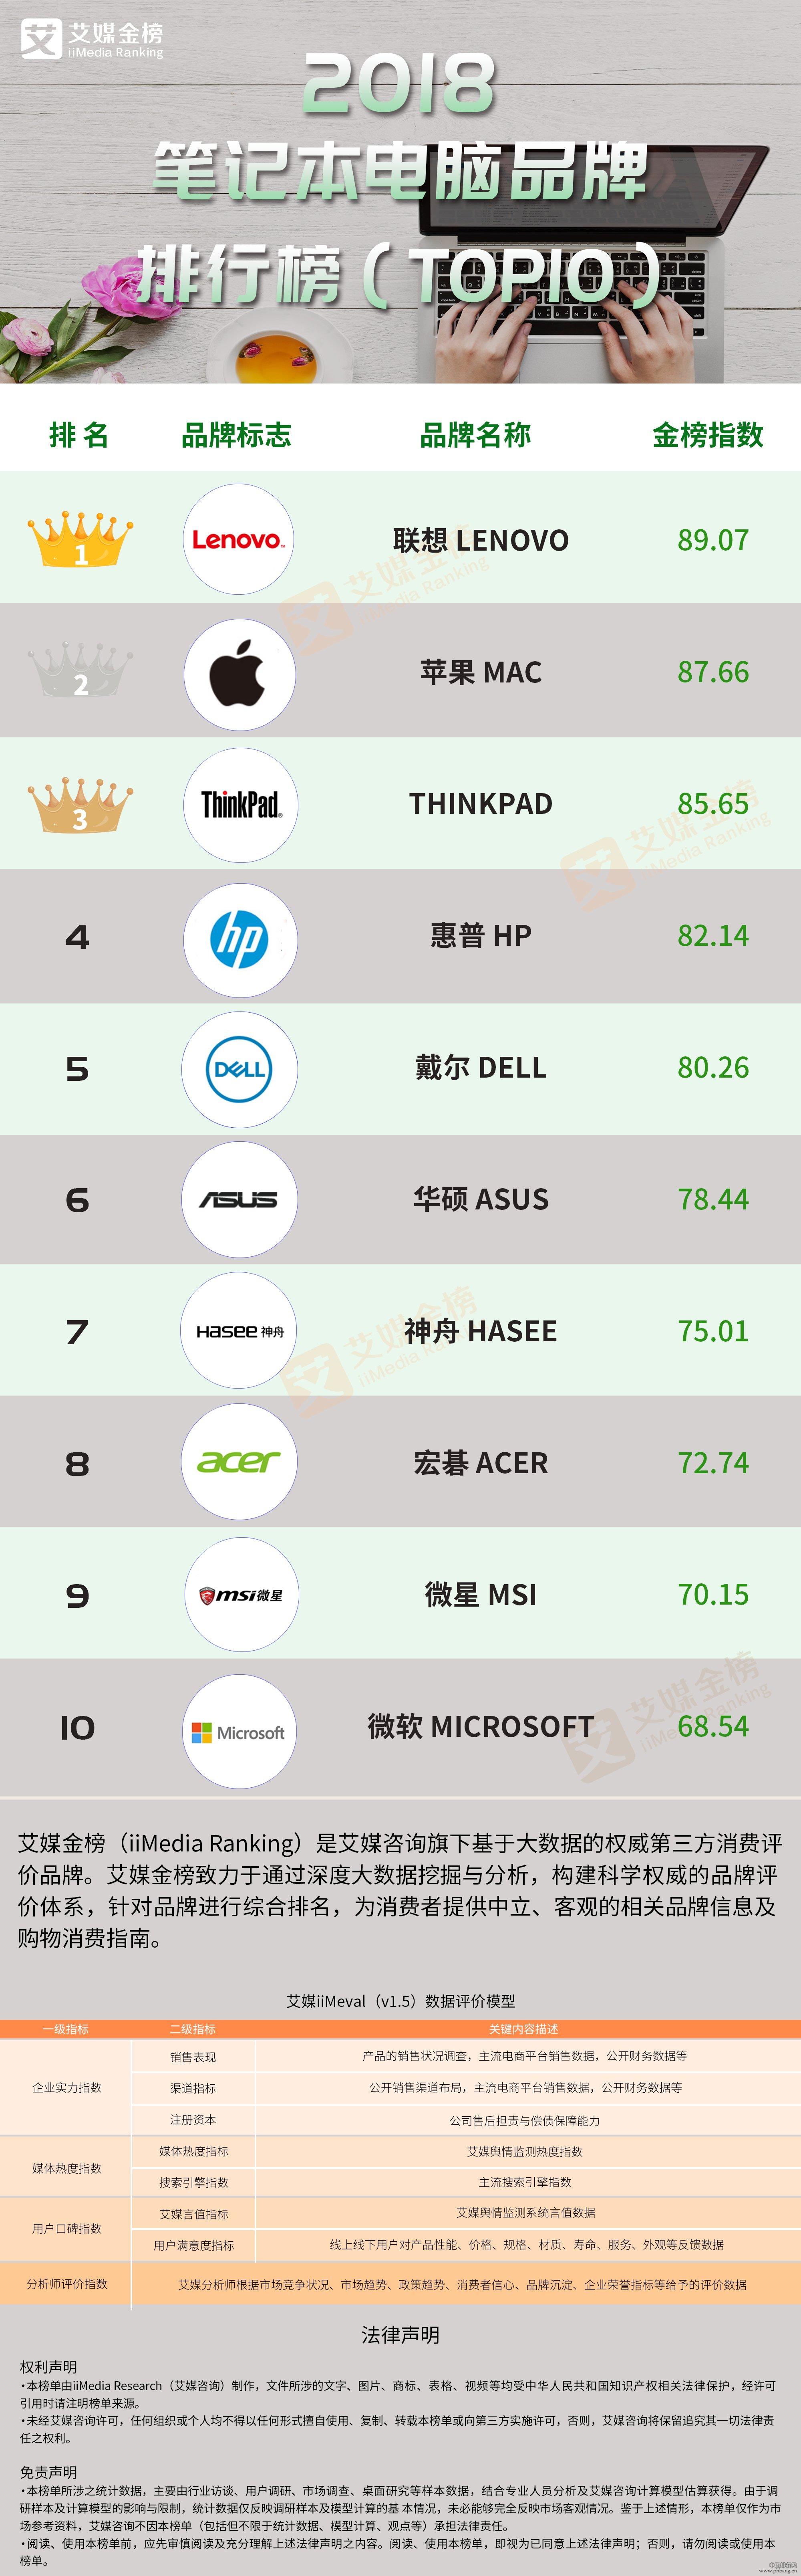 2019电脑品牌排行榜_无线鼠标哪个牌子好2019大无线鼠标品牌排行榜